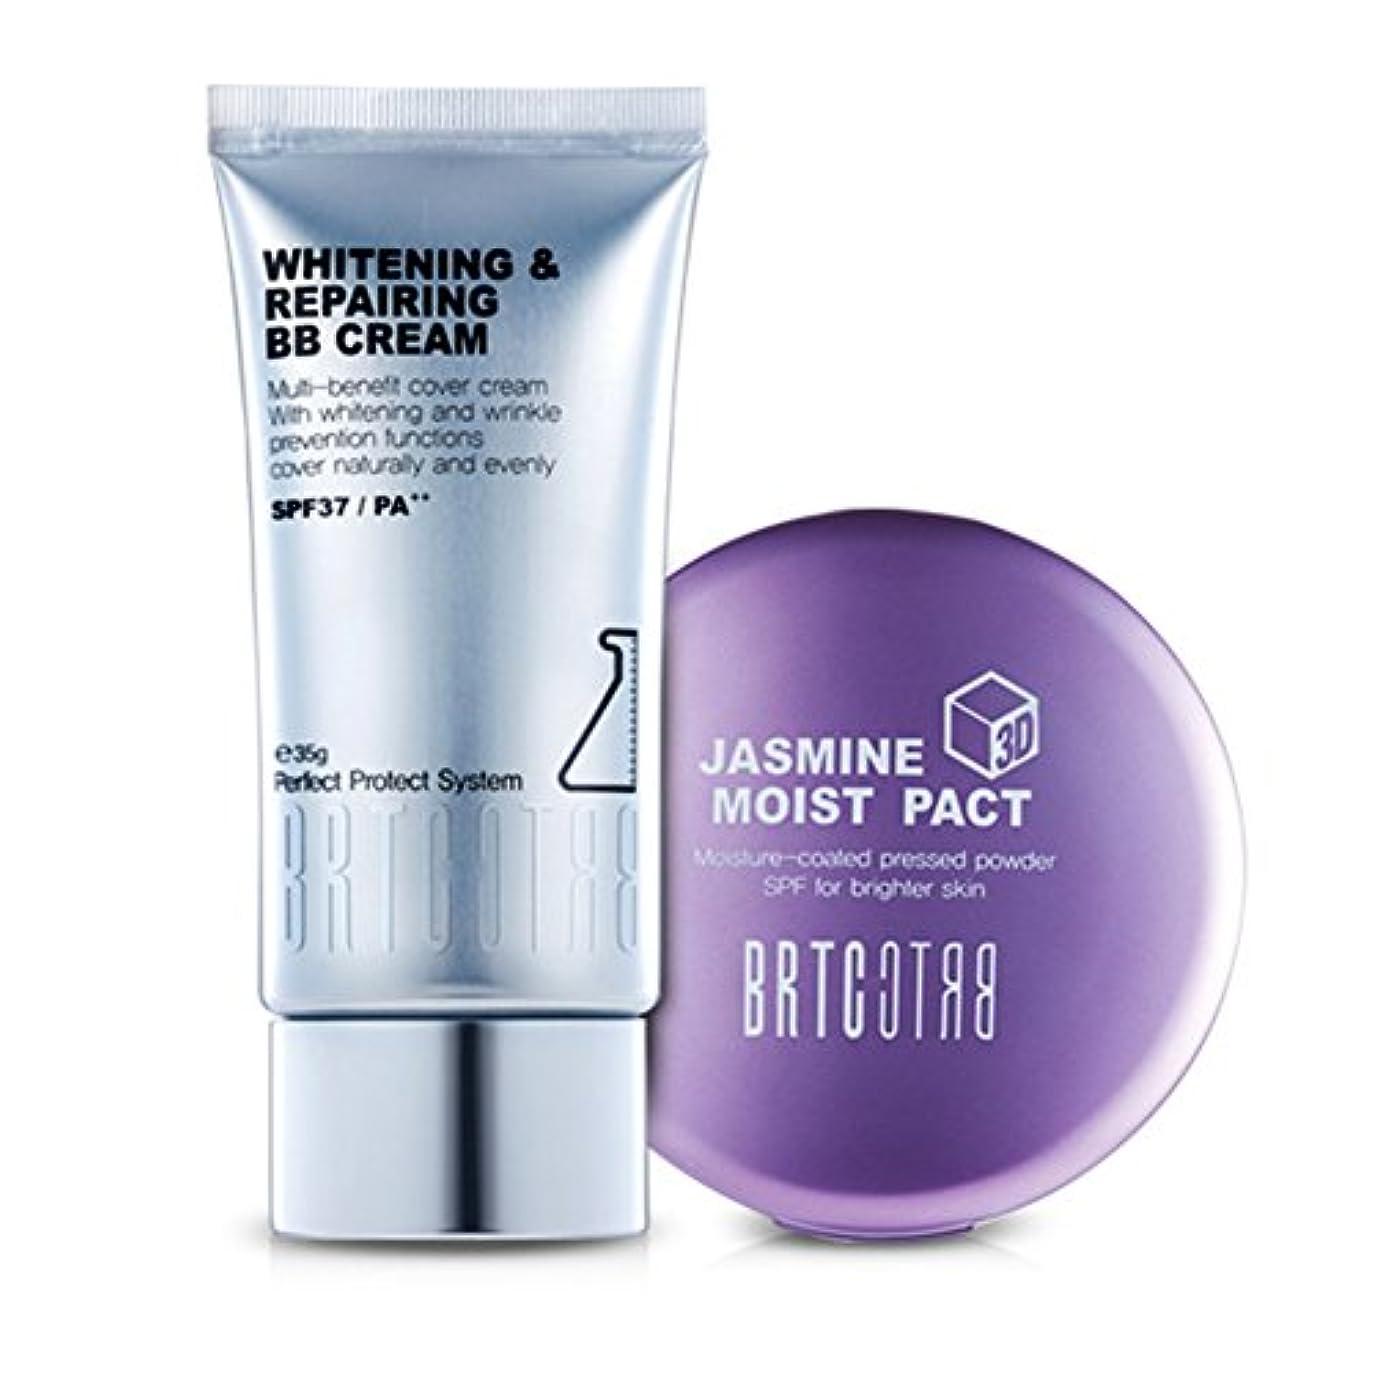 素晴らしさ飛行機膨らませる【BRTC/非アルティ時】Whitening&Moisture Make Up Setホワイトニングビビ水分ファクト35g 13g[BB Cream+ Moist Pact Set](海外直送品)